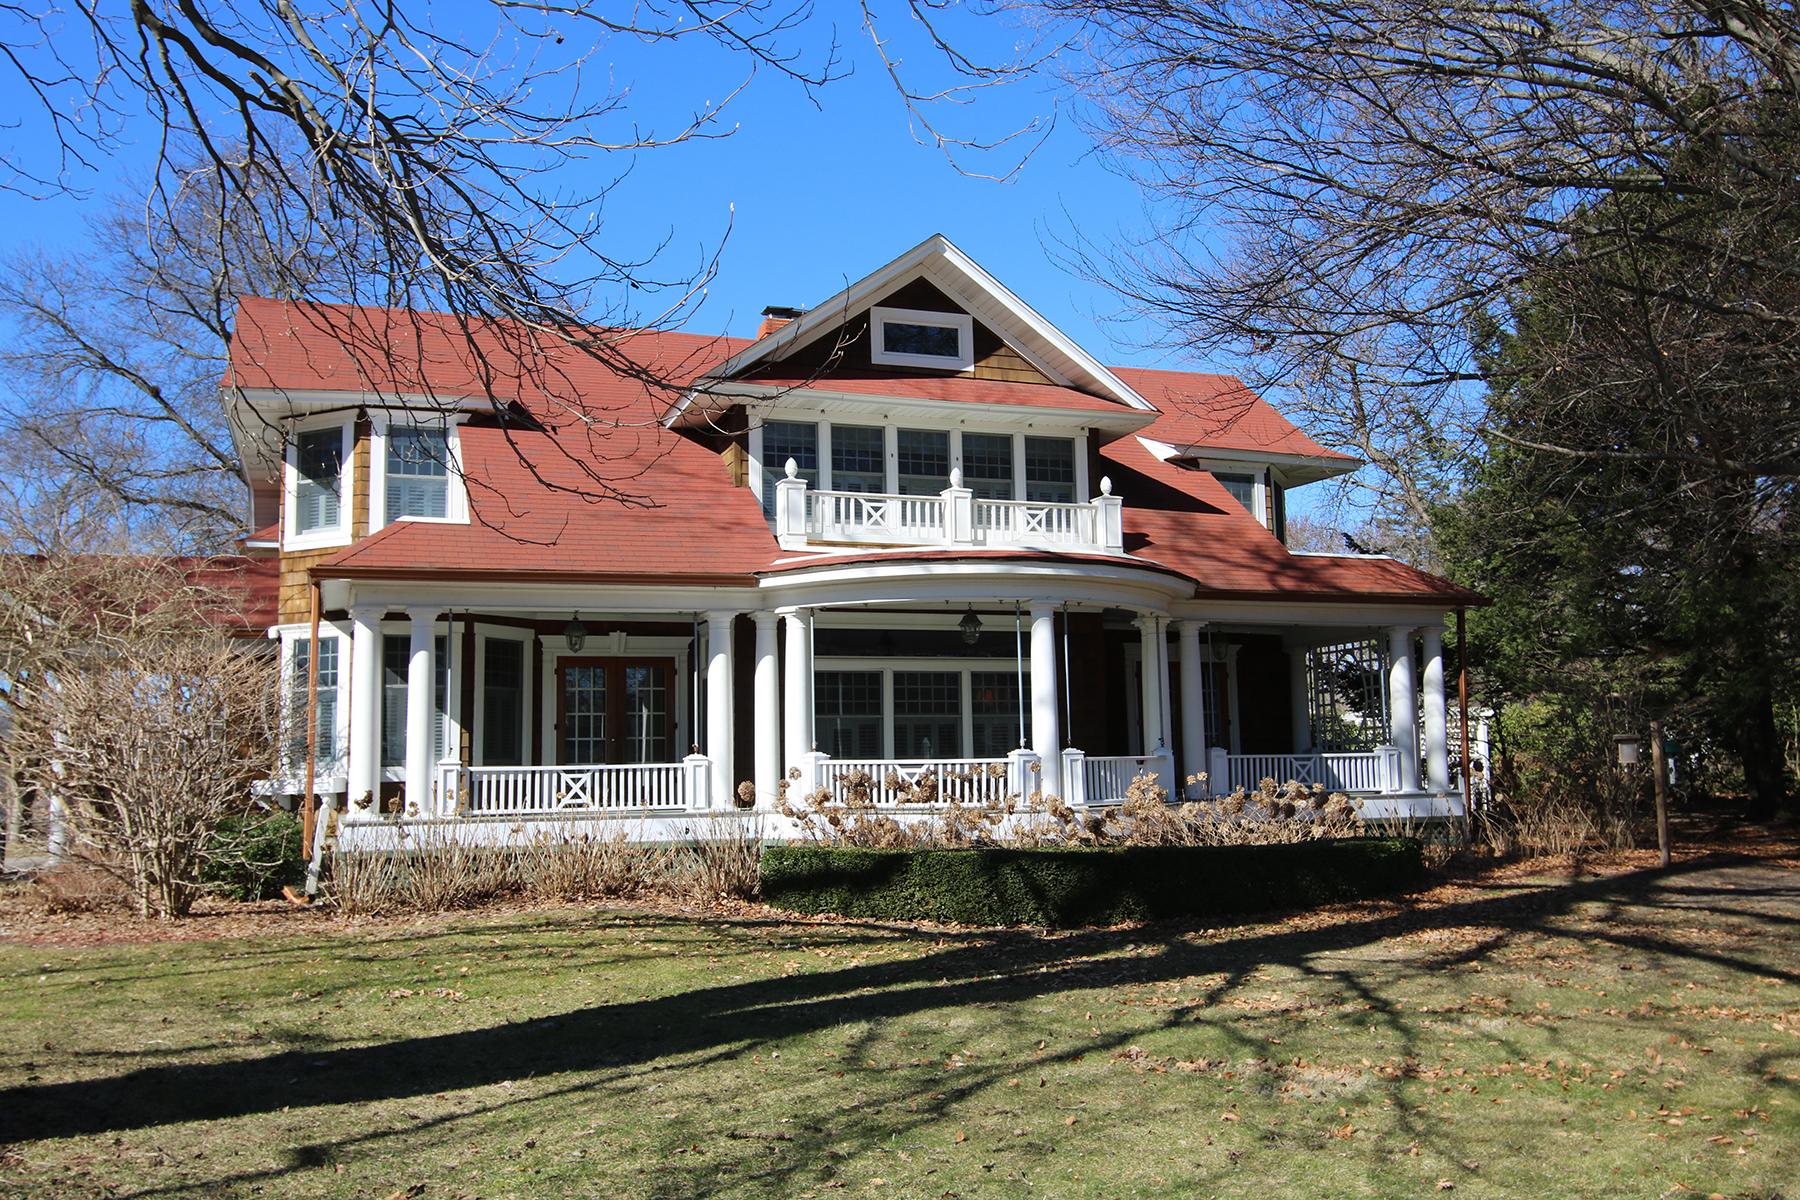 단독 가정 주택 용 매매 에 Paw Paw Village 725 N Kalamazoo Street Paw Paw, 미시건, 49079 미국